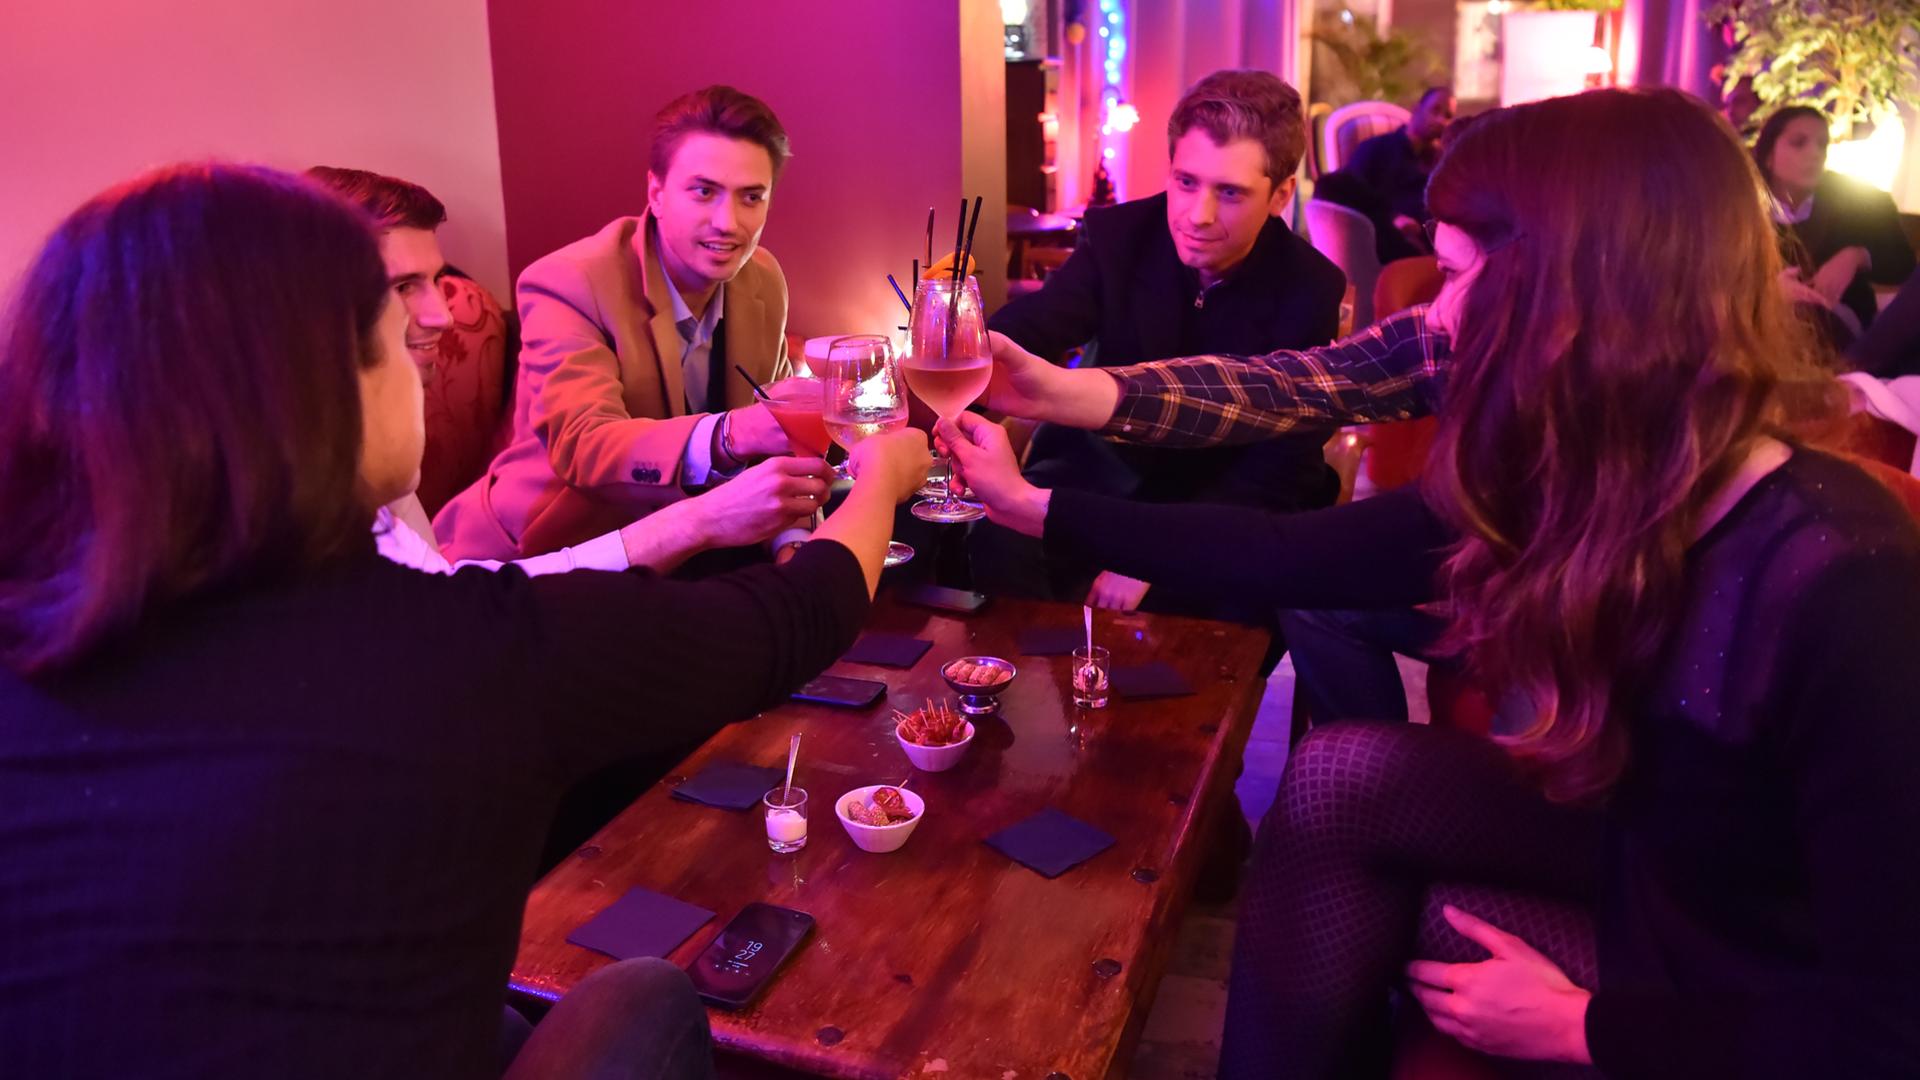 Soirée entre amis au bar l'escalier à Chartres